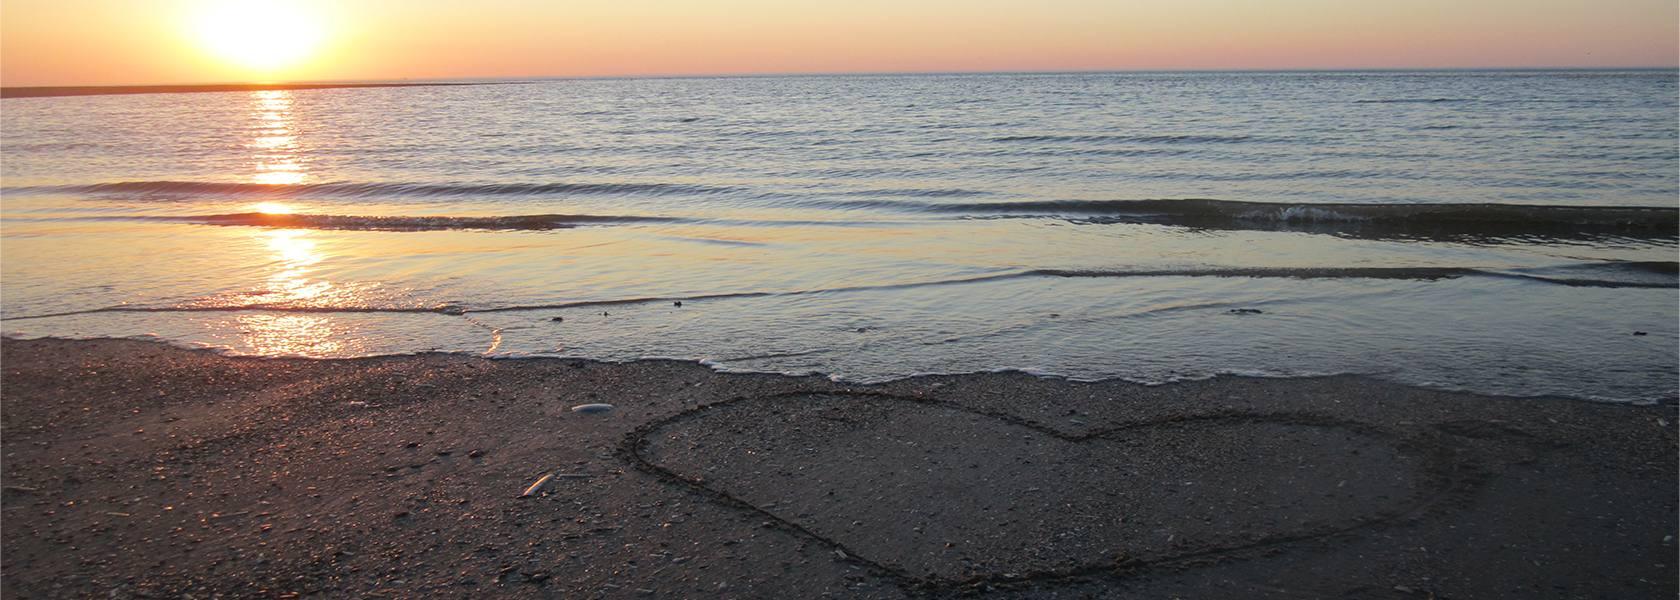 Herz im Sand, © Die Nordsee GmbH, Jantje Olchers